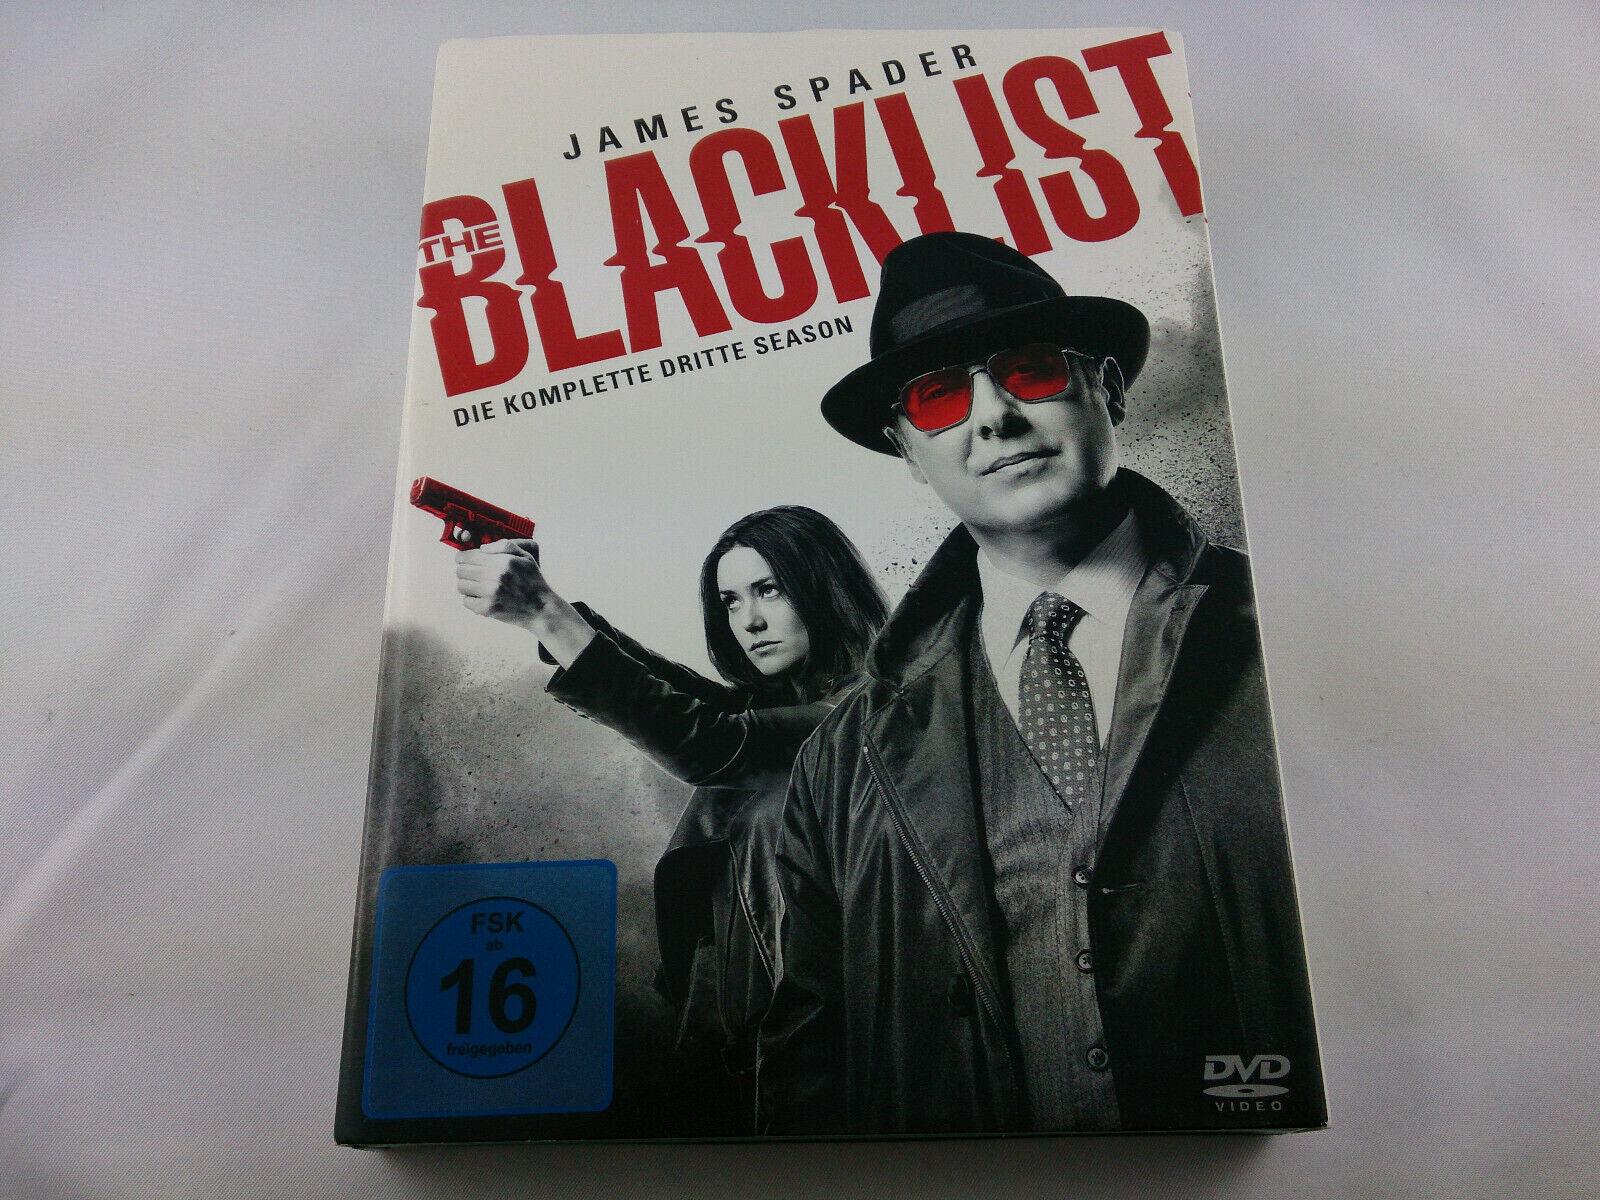 The Blacklist Staffel 3 Start